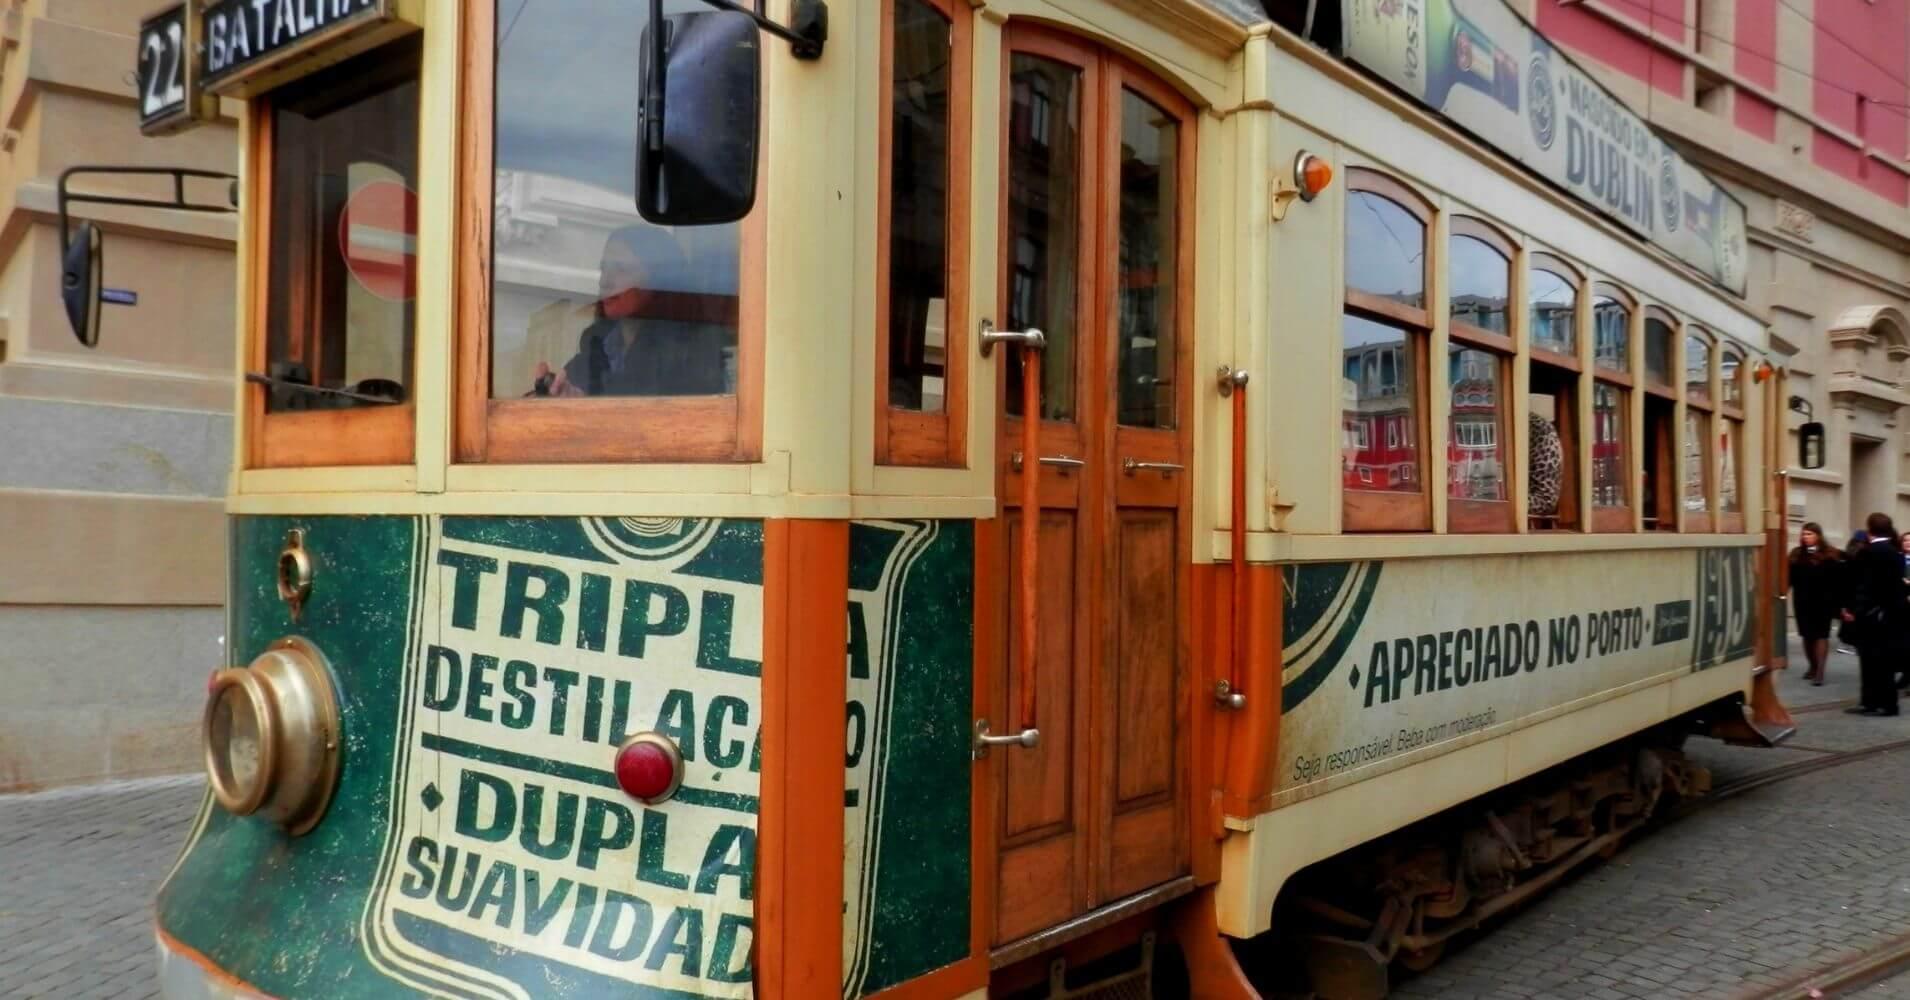 Tranvía en Oporto. Portugal.